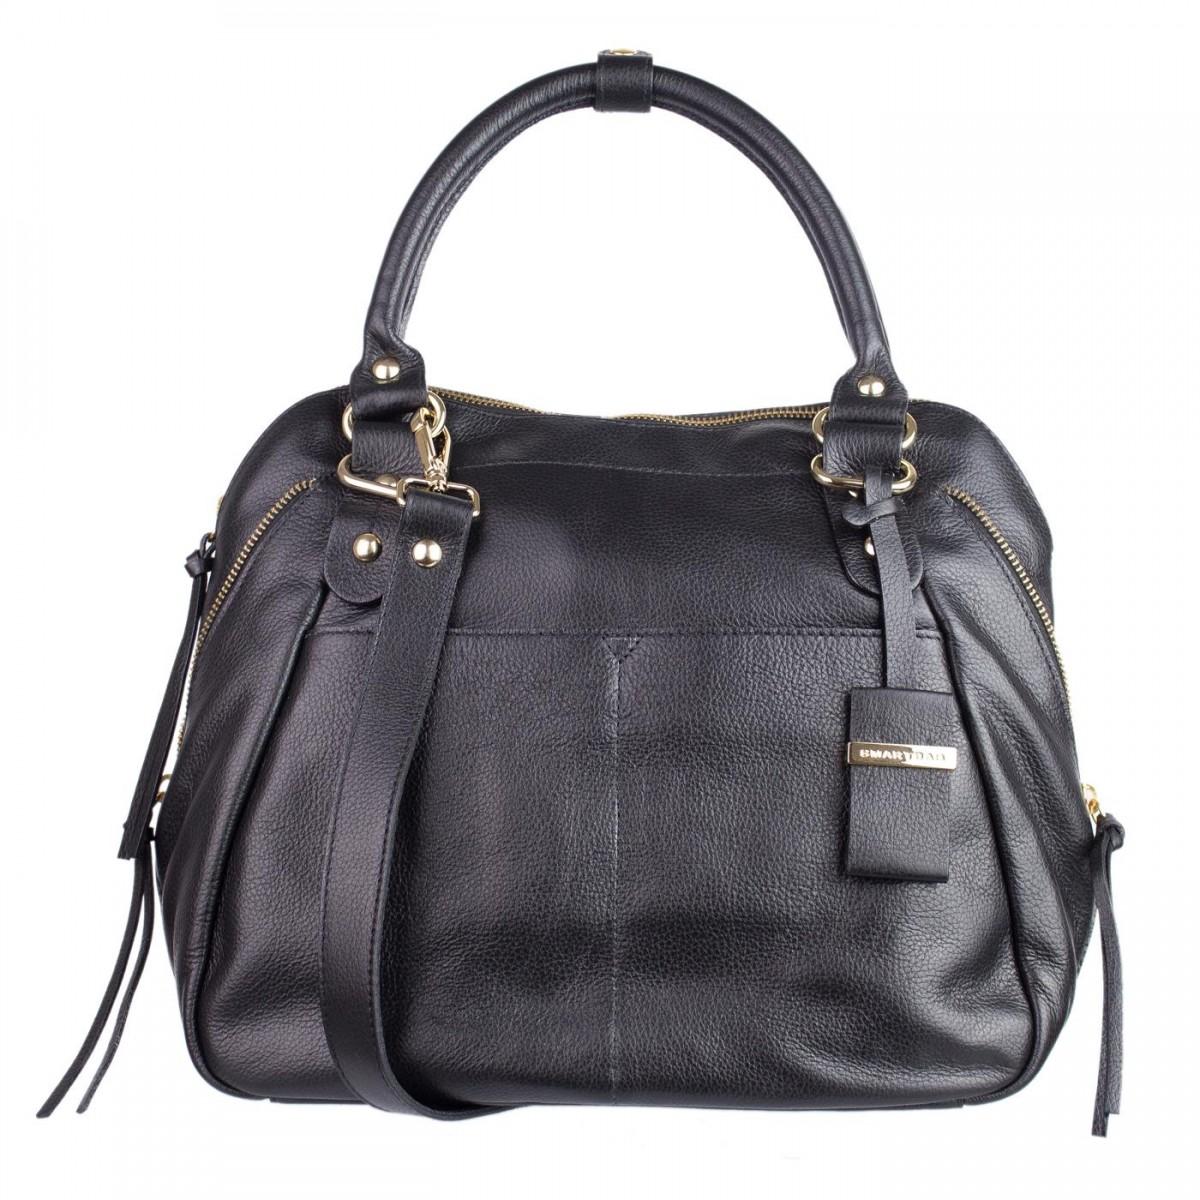 9a6840478 Bizz Store - Bolsa Feminina Smartbag Casual Couro 70035